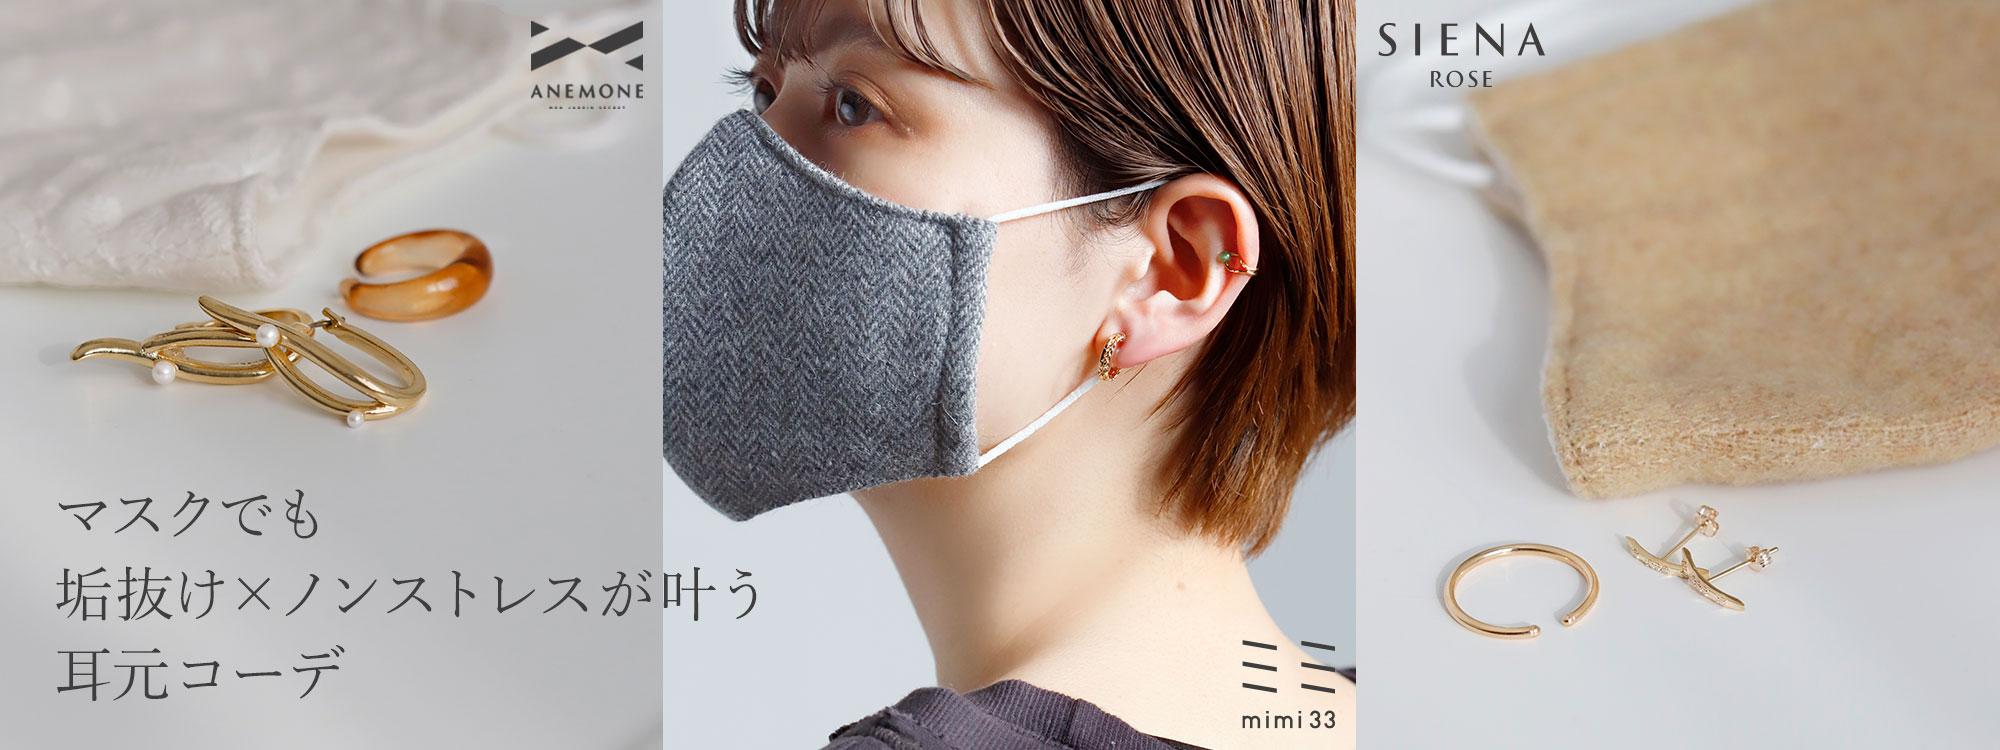 マスクでも垢抜け×ノンストレスが叶う耳元コーデ